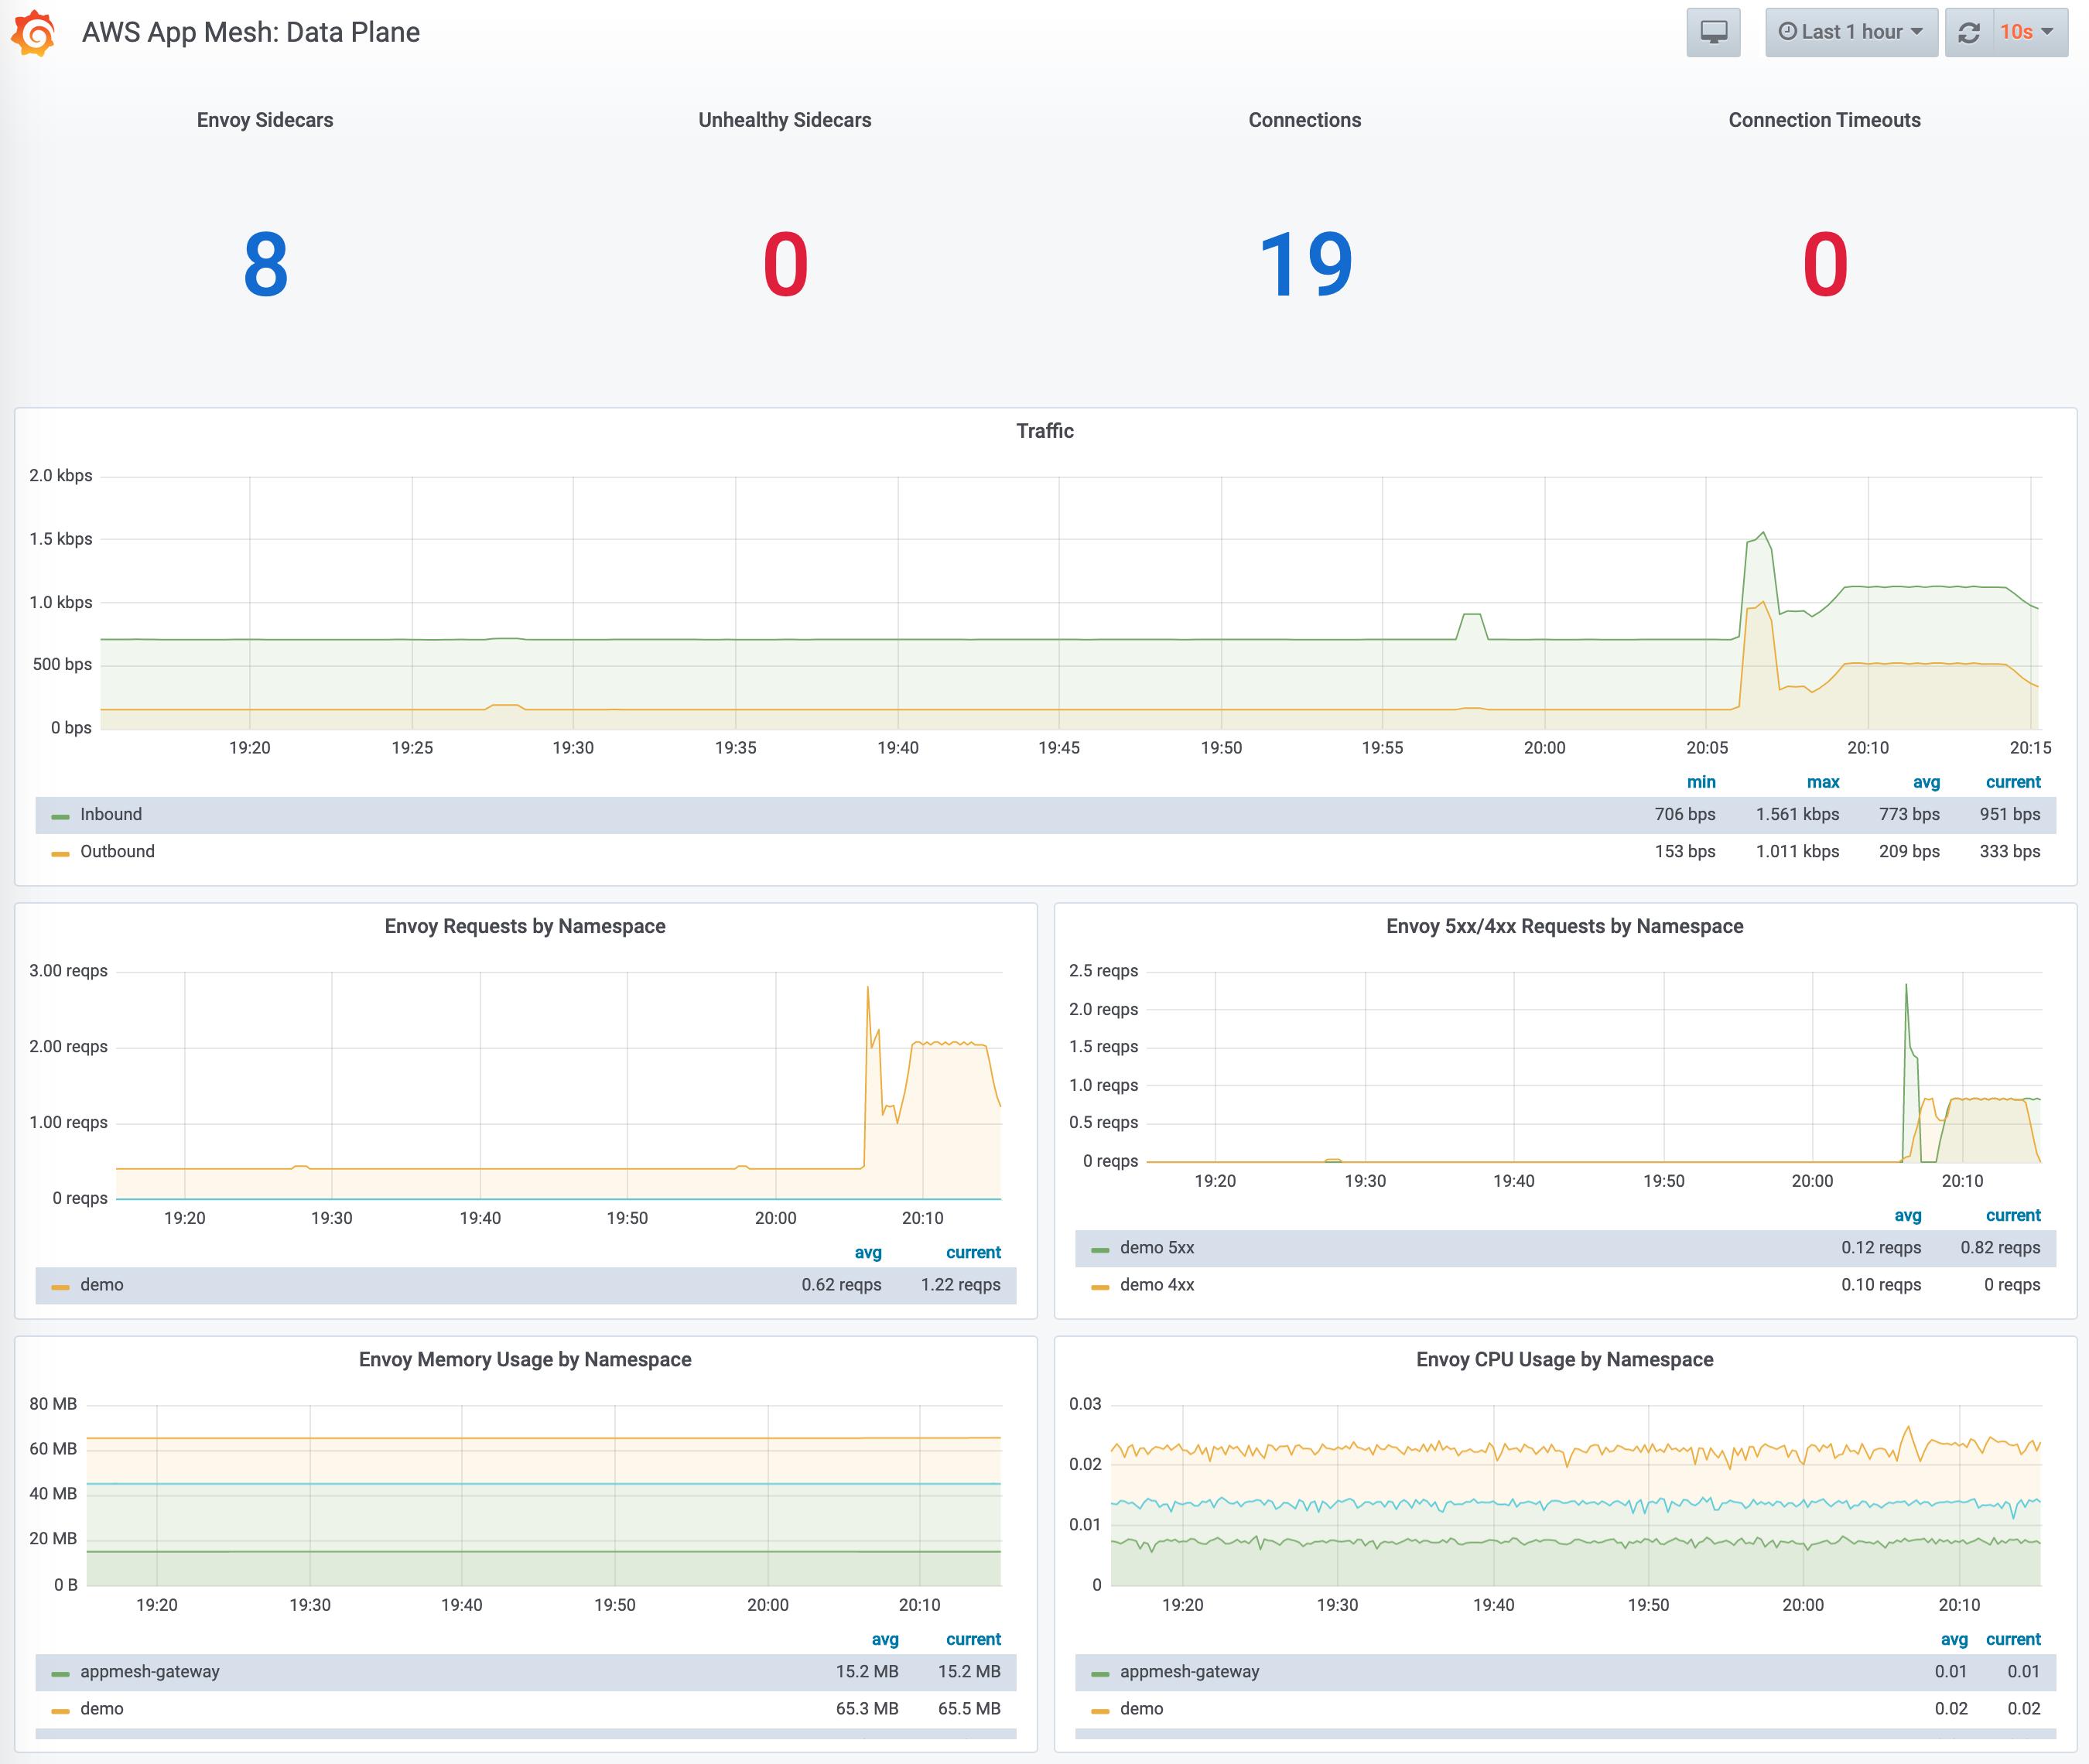 AWS App Mesh: Data Plane